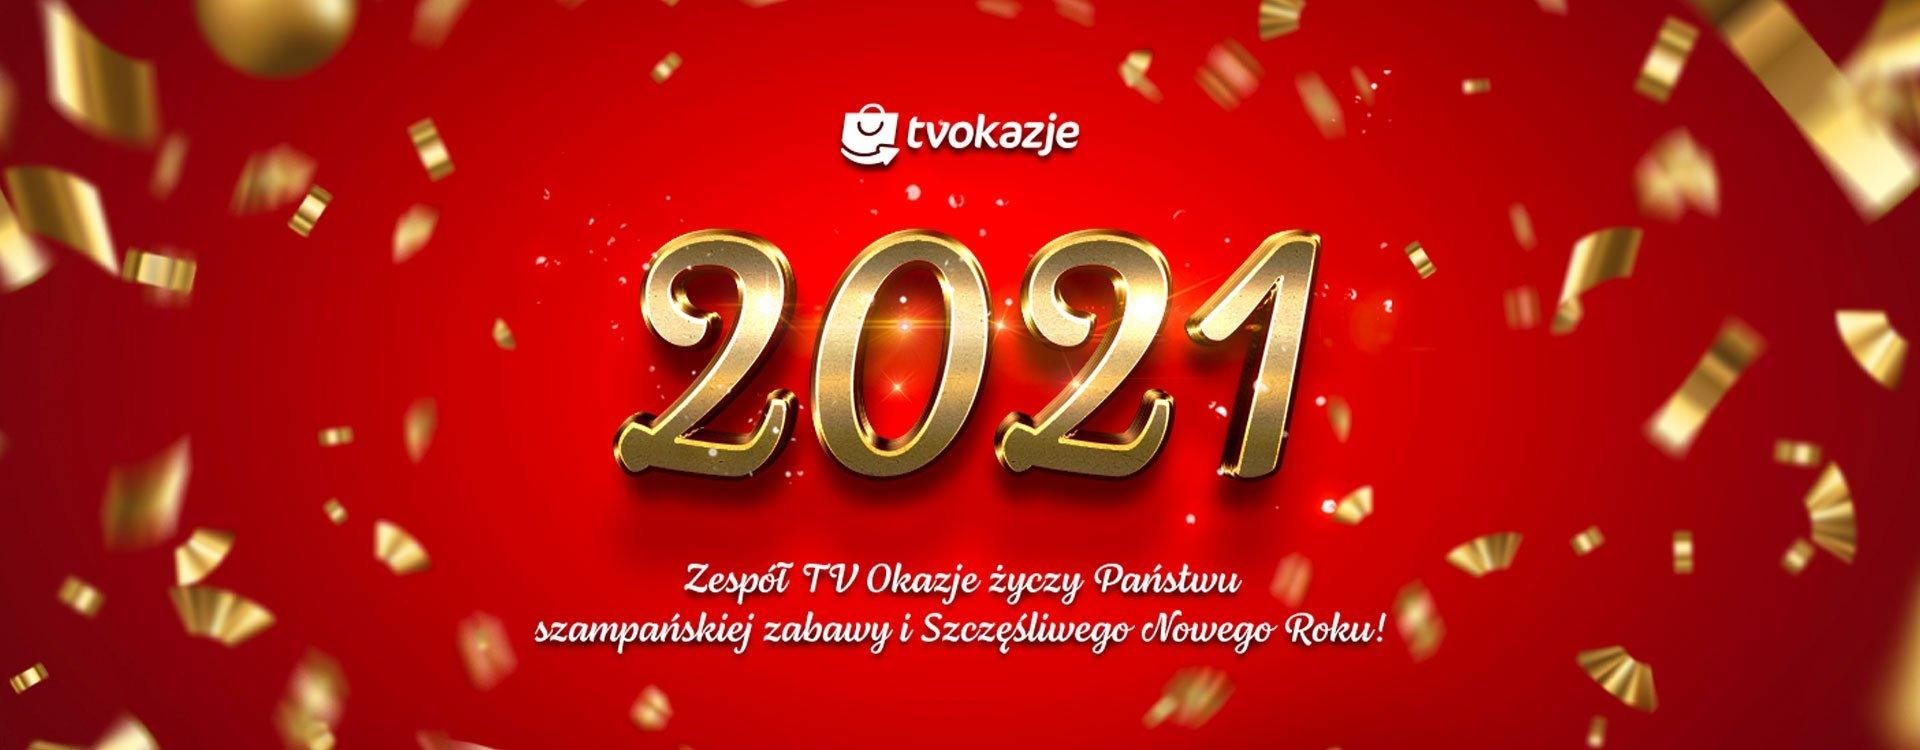 Wszelkiej pomyślności w Nowym Roku 2021 życzy zespół TV Okazje!